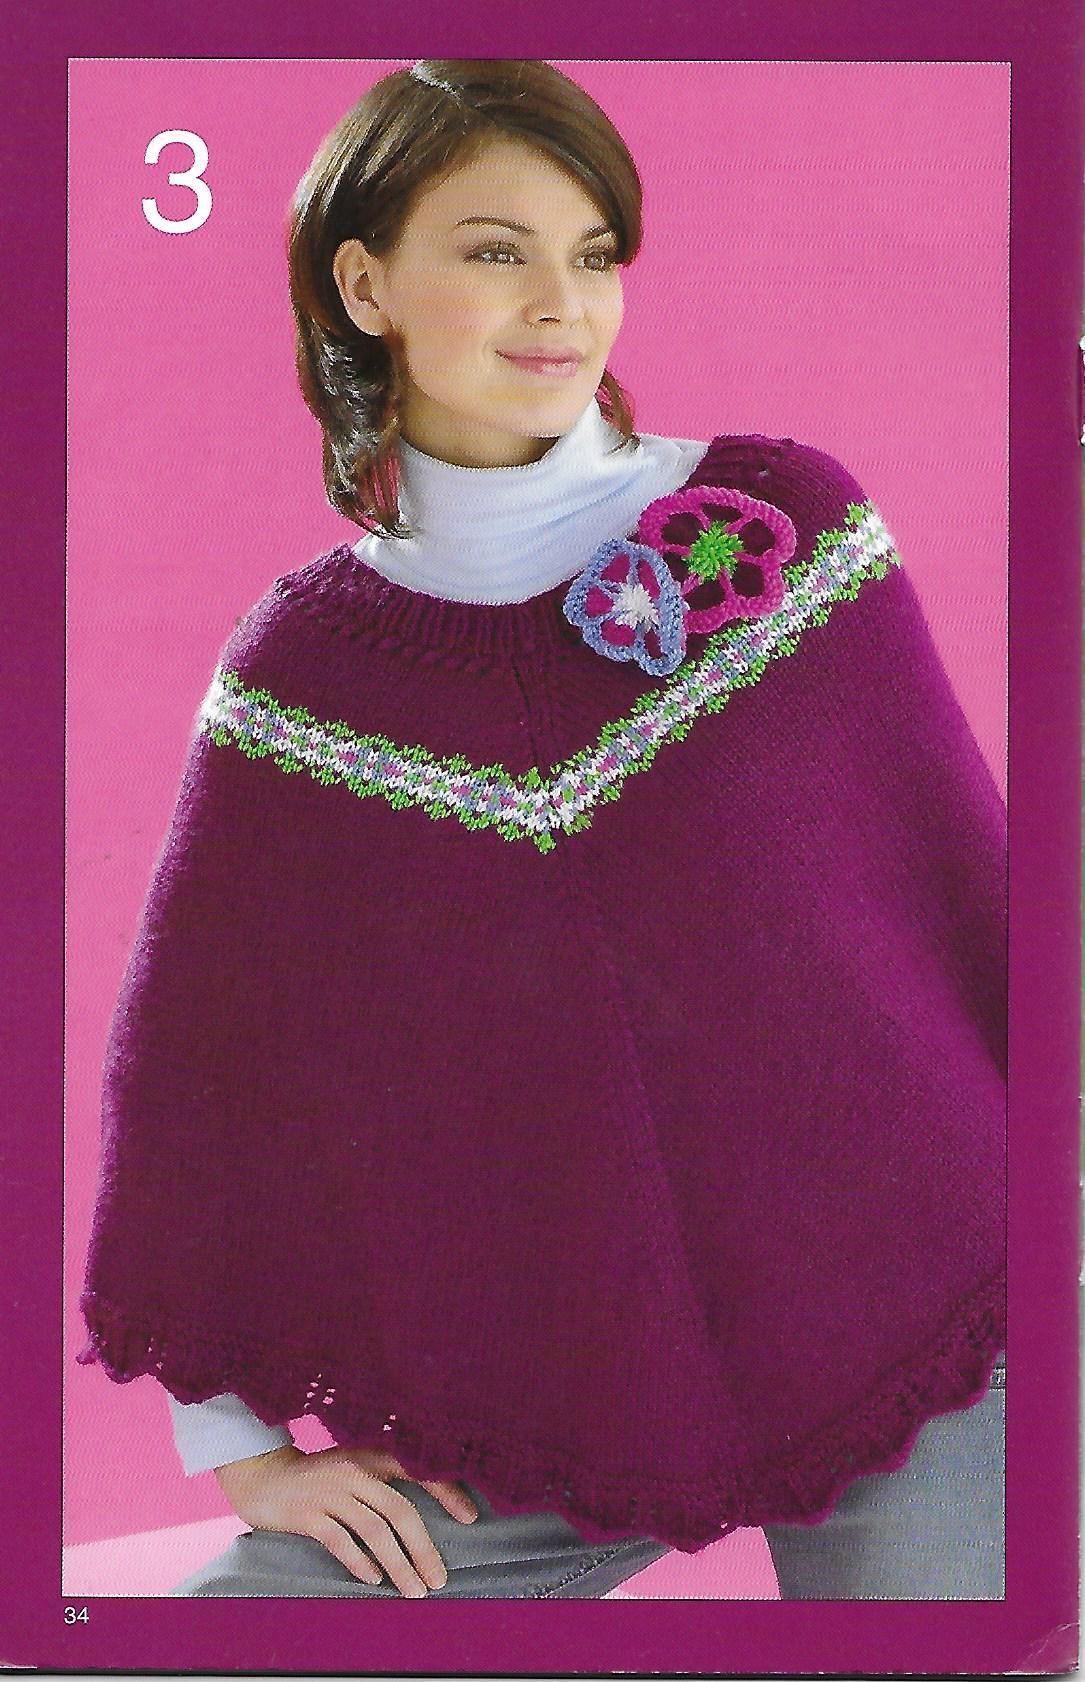 Wendy 6102 Knitting pattern for Socks in 3 sizes in double knit yarn.